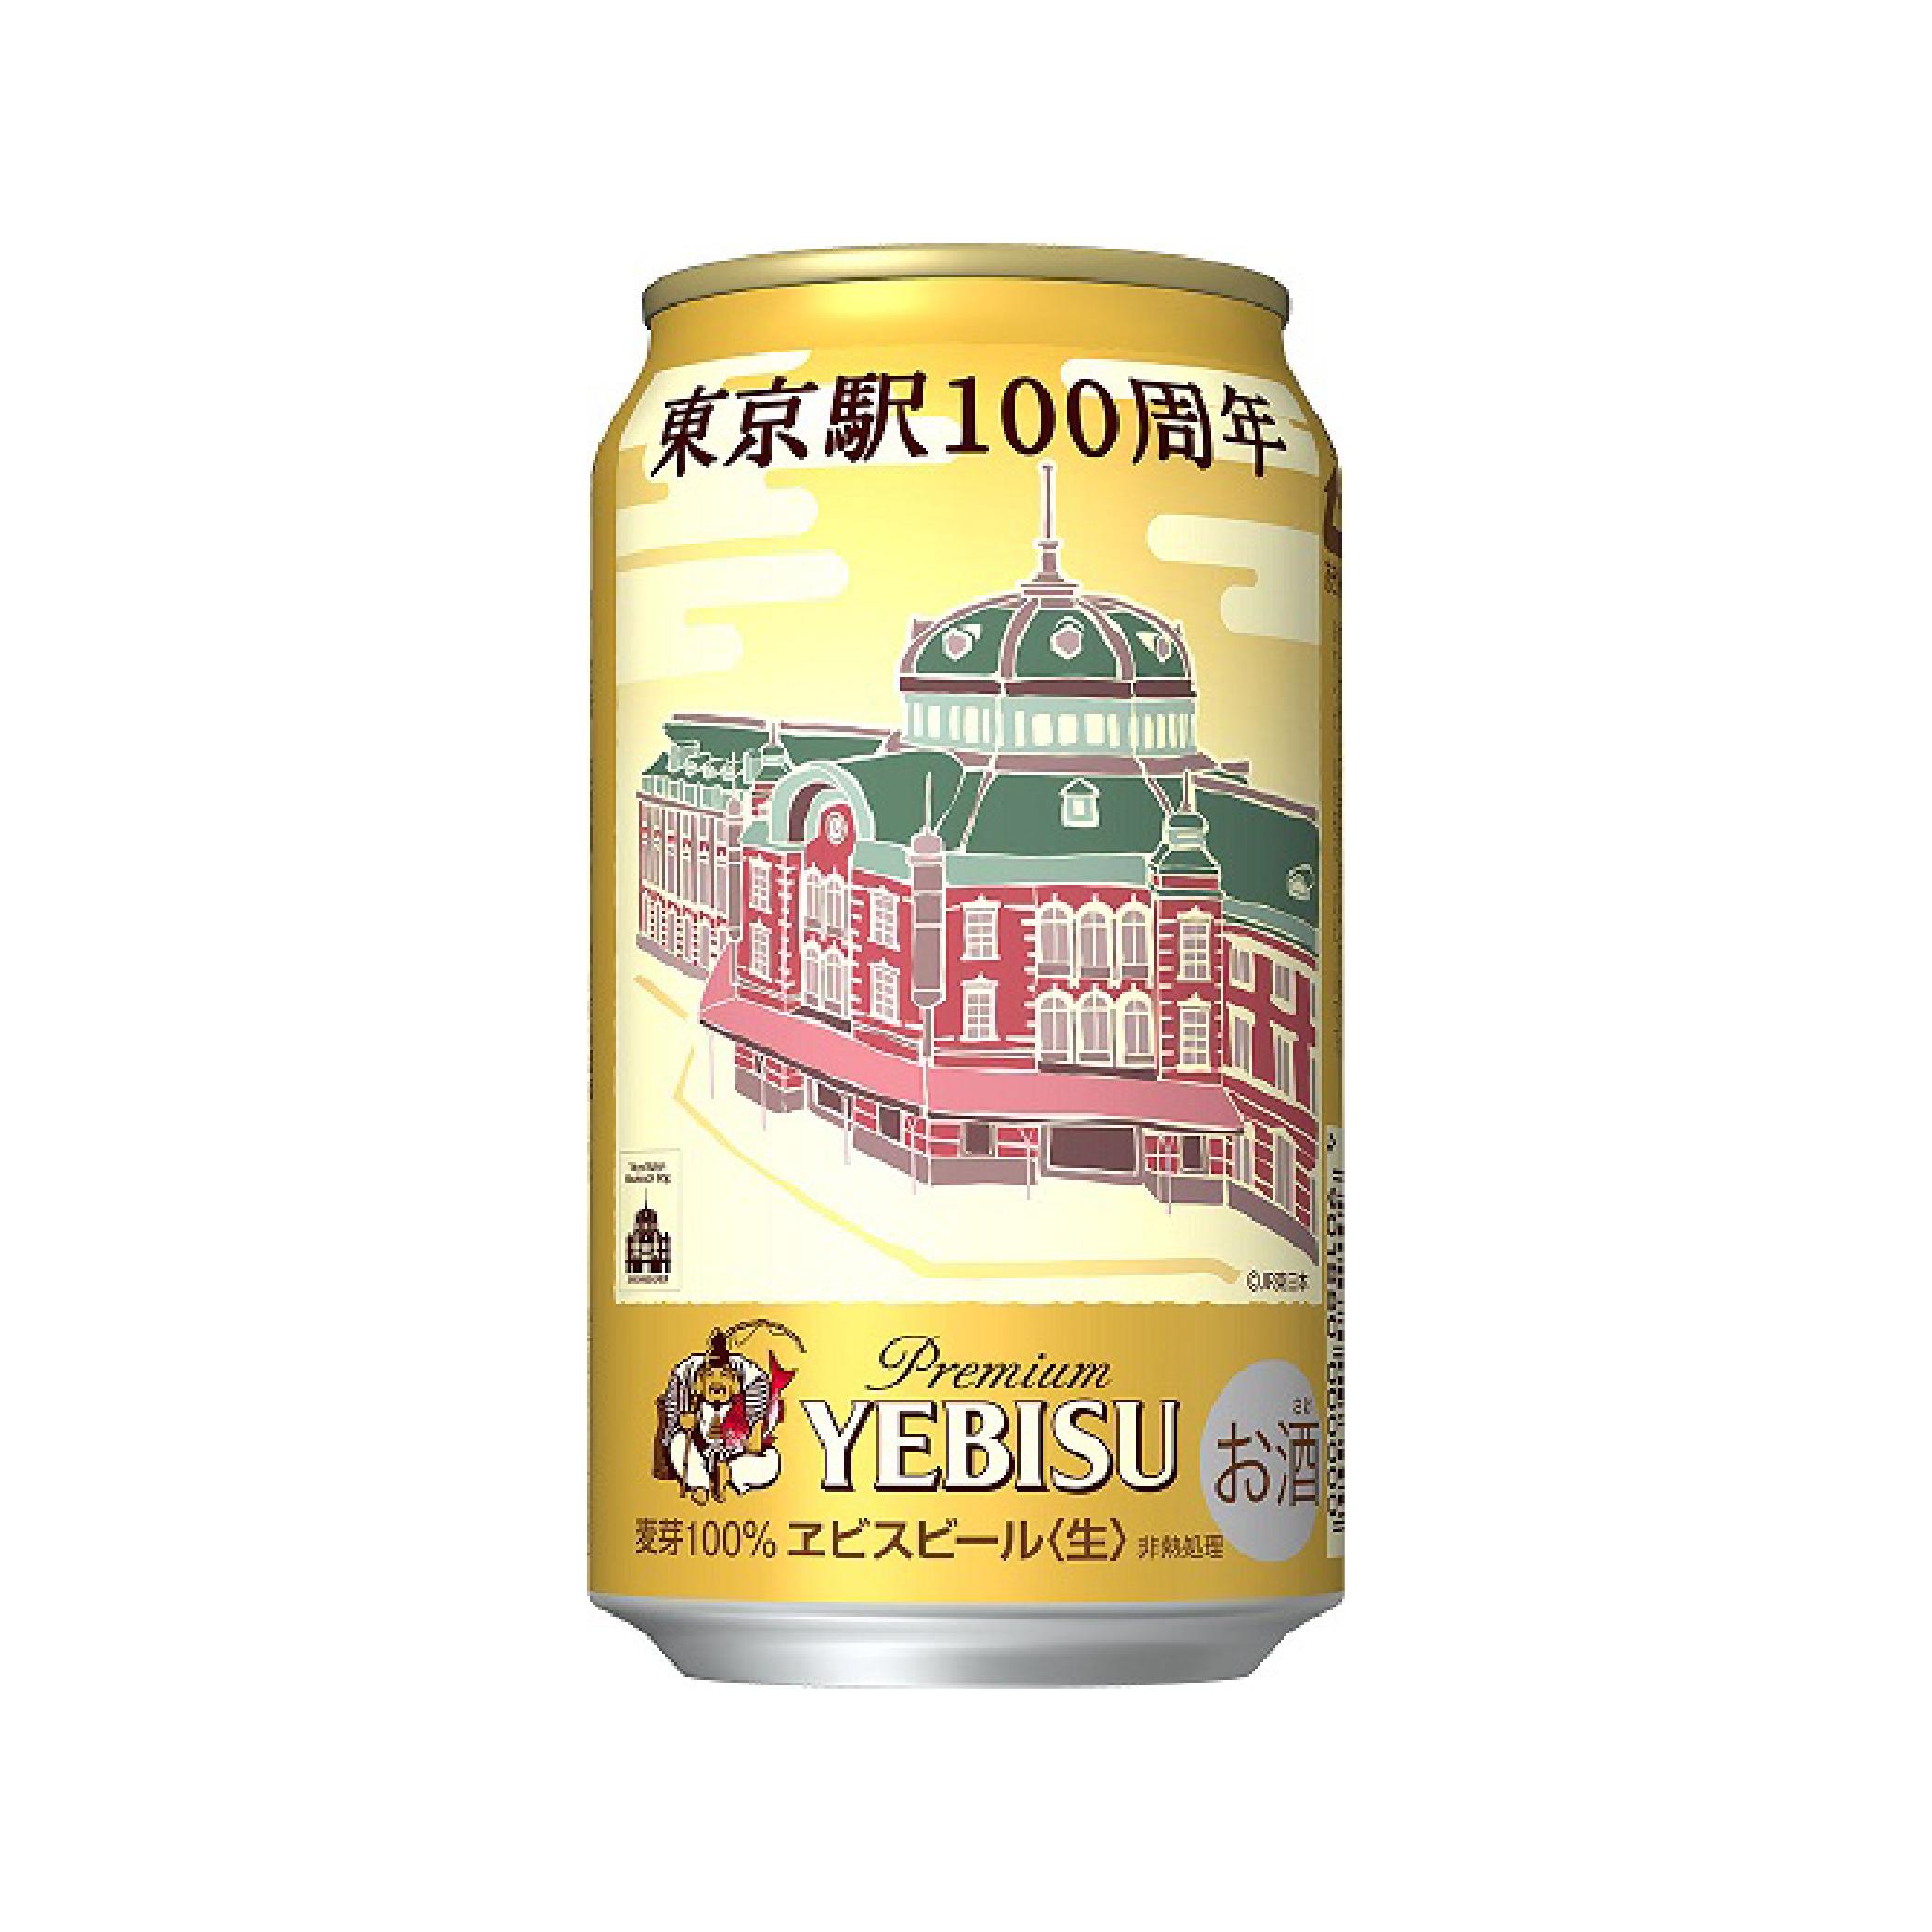 ©サッポロビール株式会社